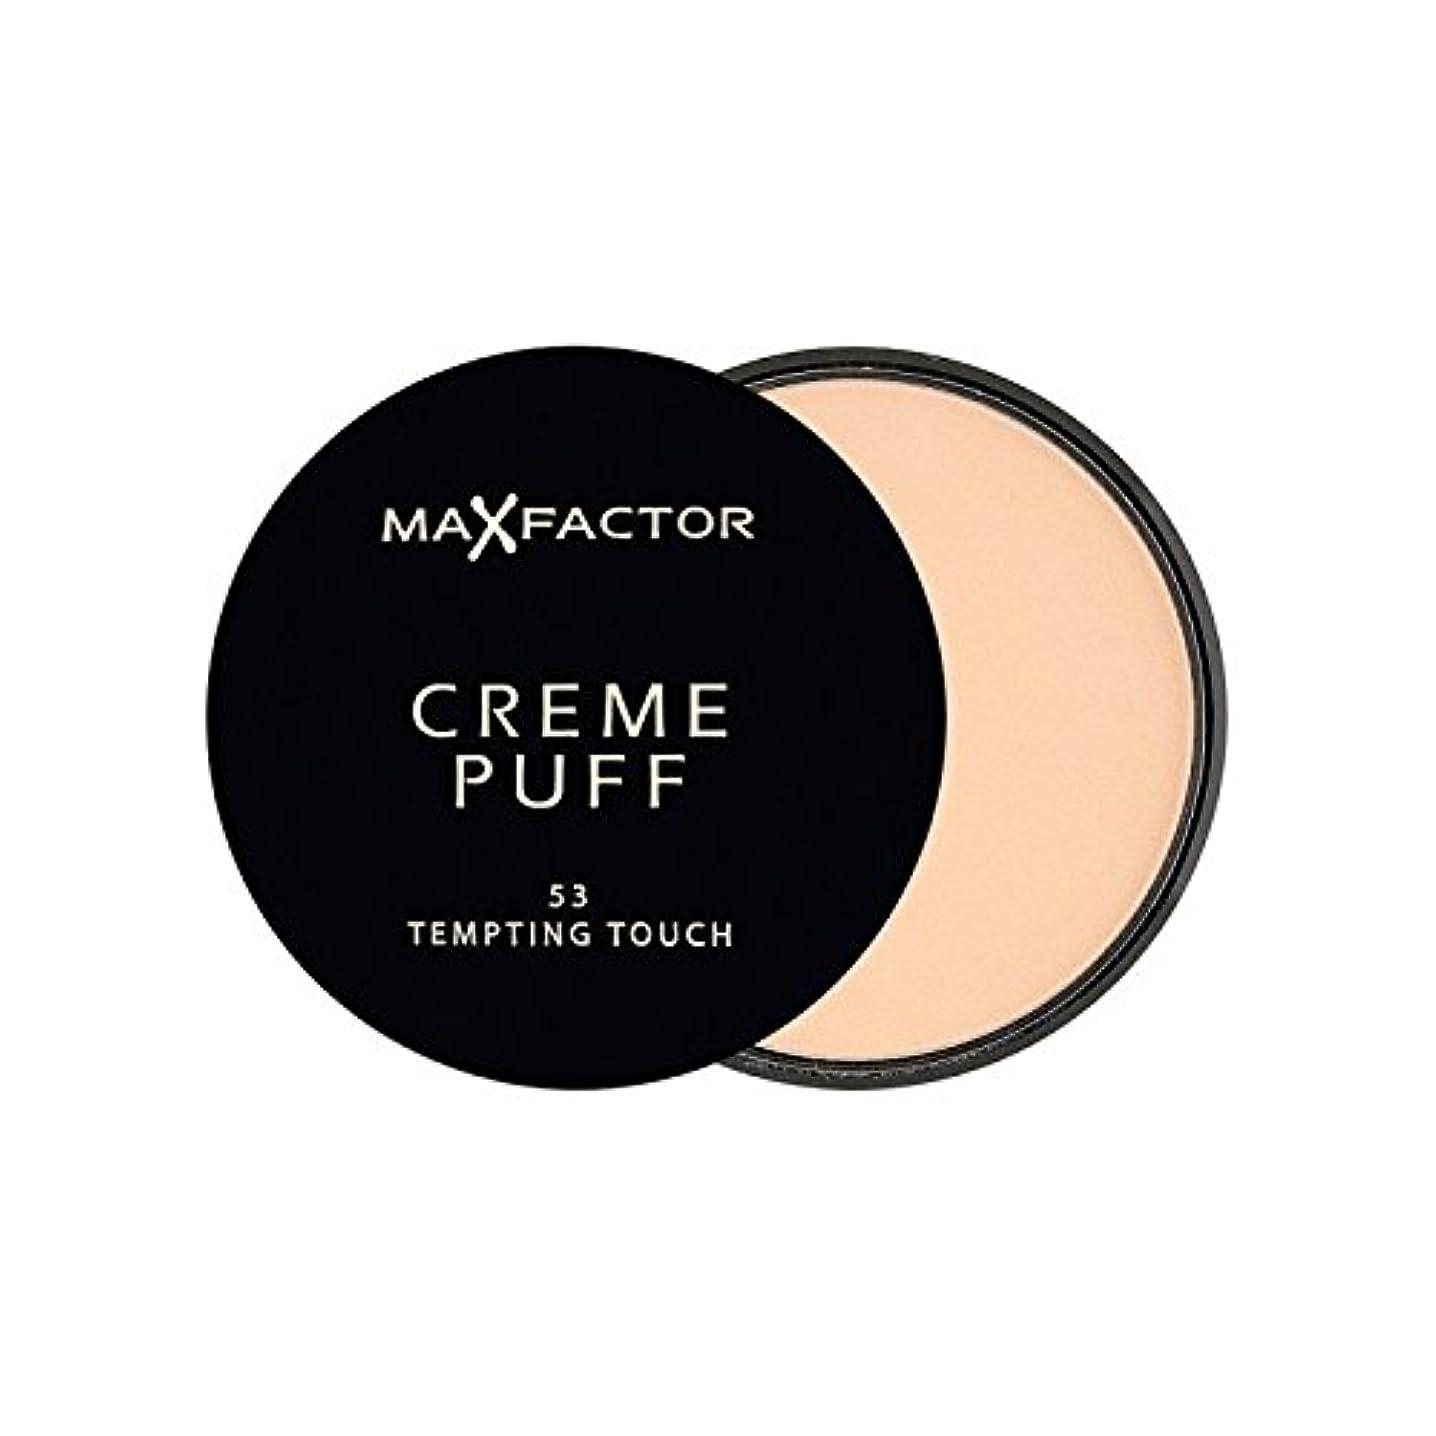 散歩ナインへパーセントマックスファクタークリームパフパウダーコンパクト魅力的なタッチ53 x4 - Max Factor Creme Puff Powder Compact Tempting Touch 53 (Pack of 4) [並行輸入品]